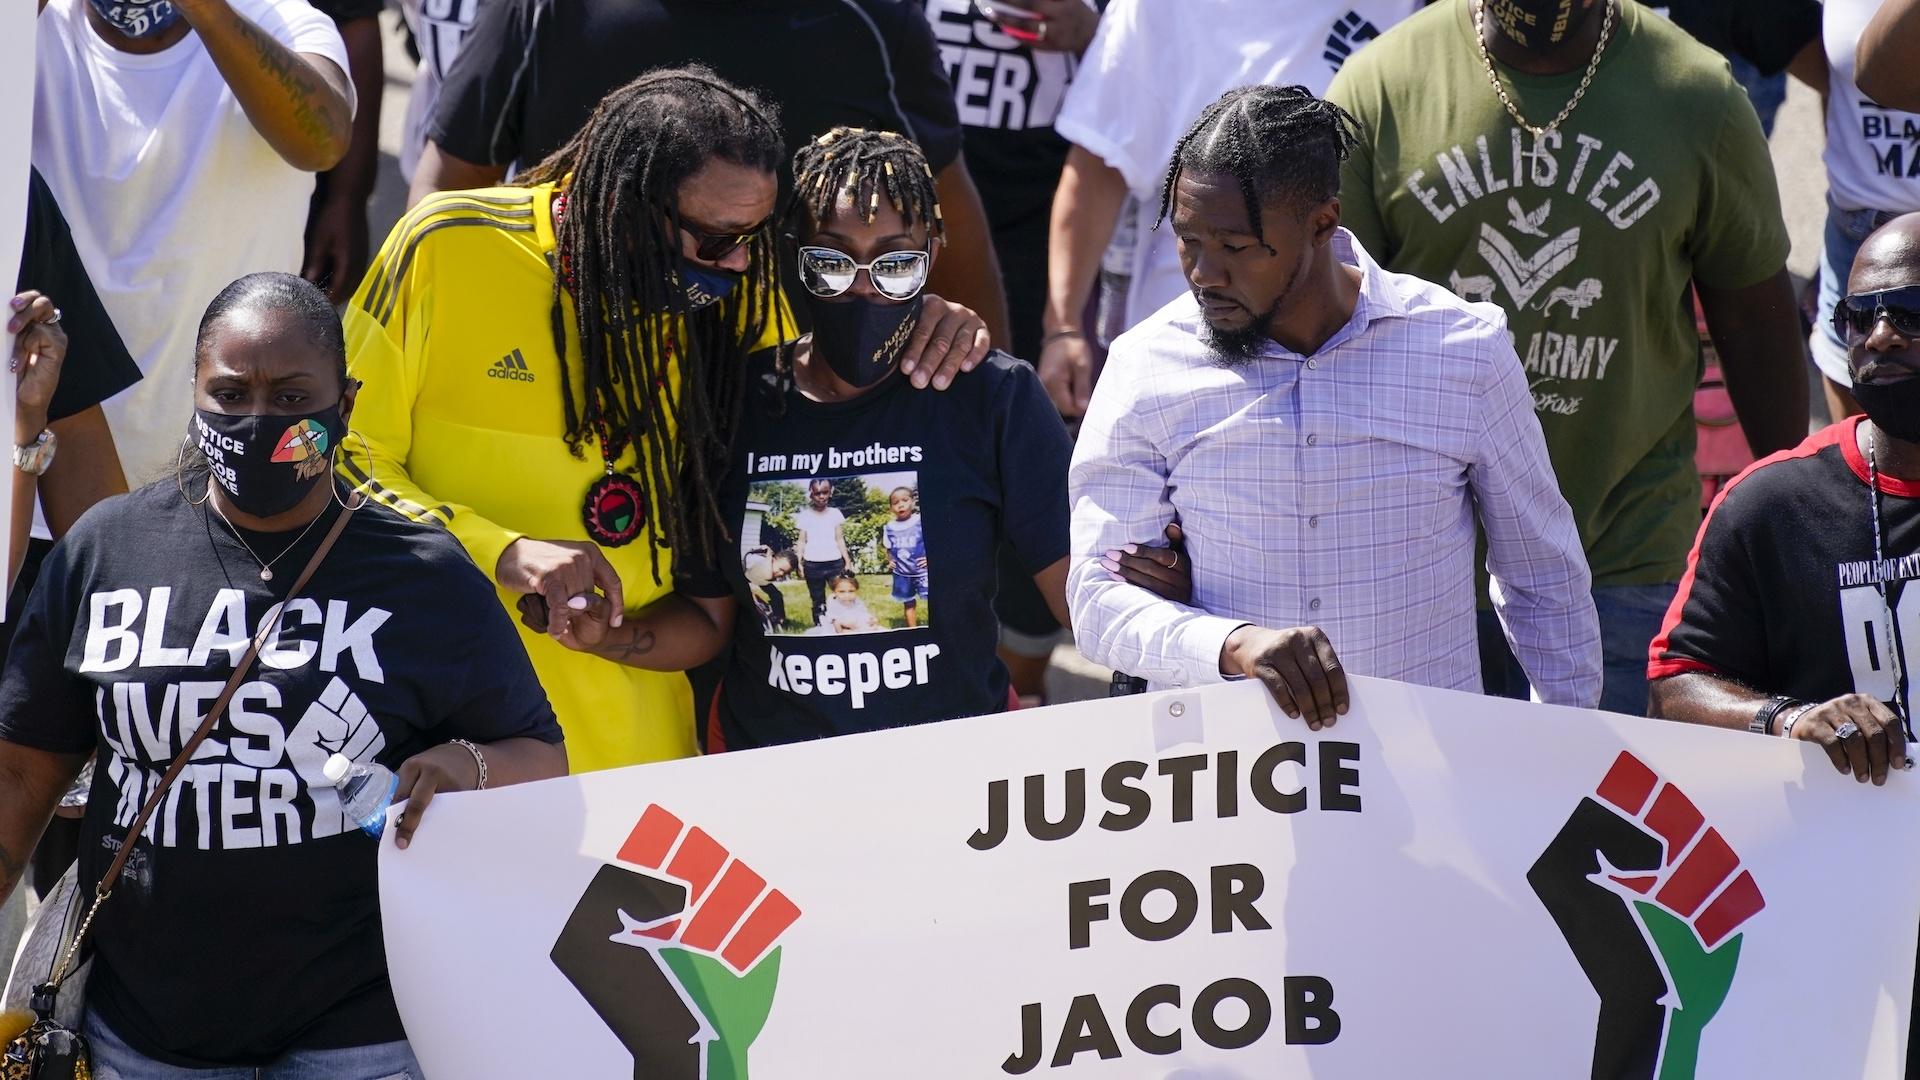 Jacob Blake protesters